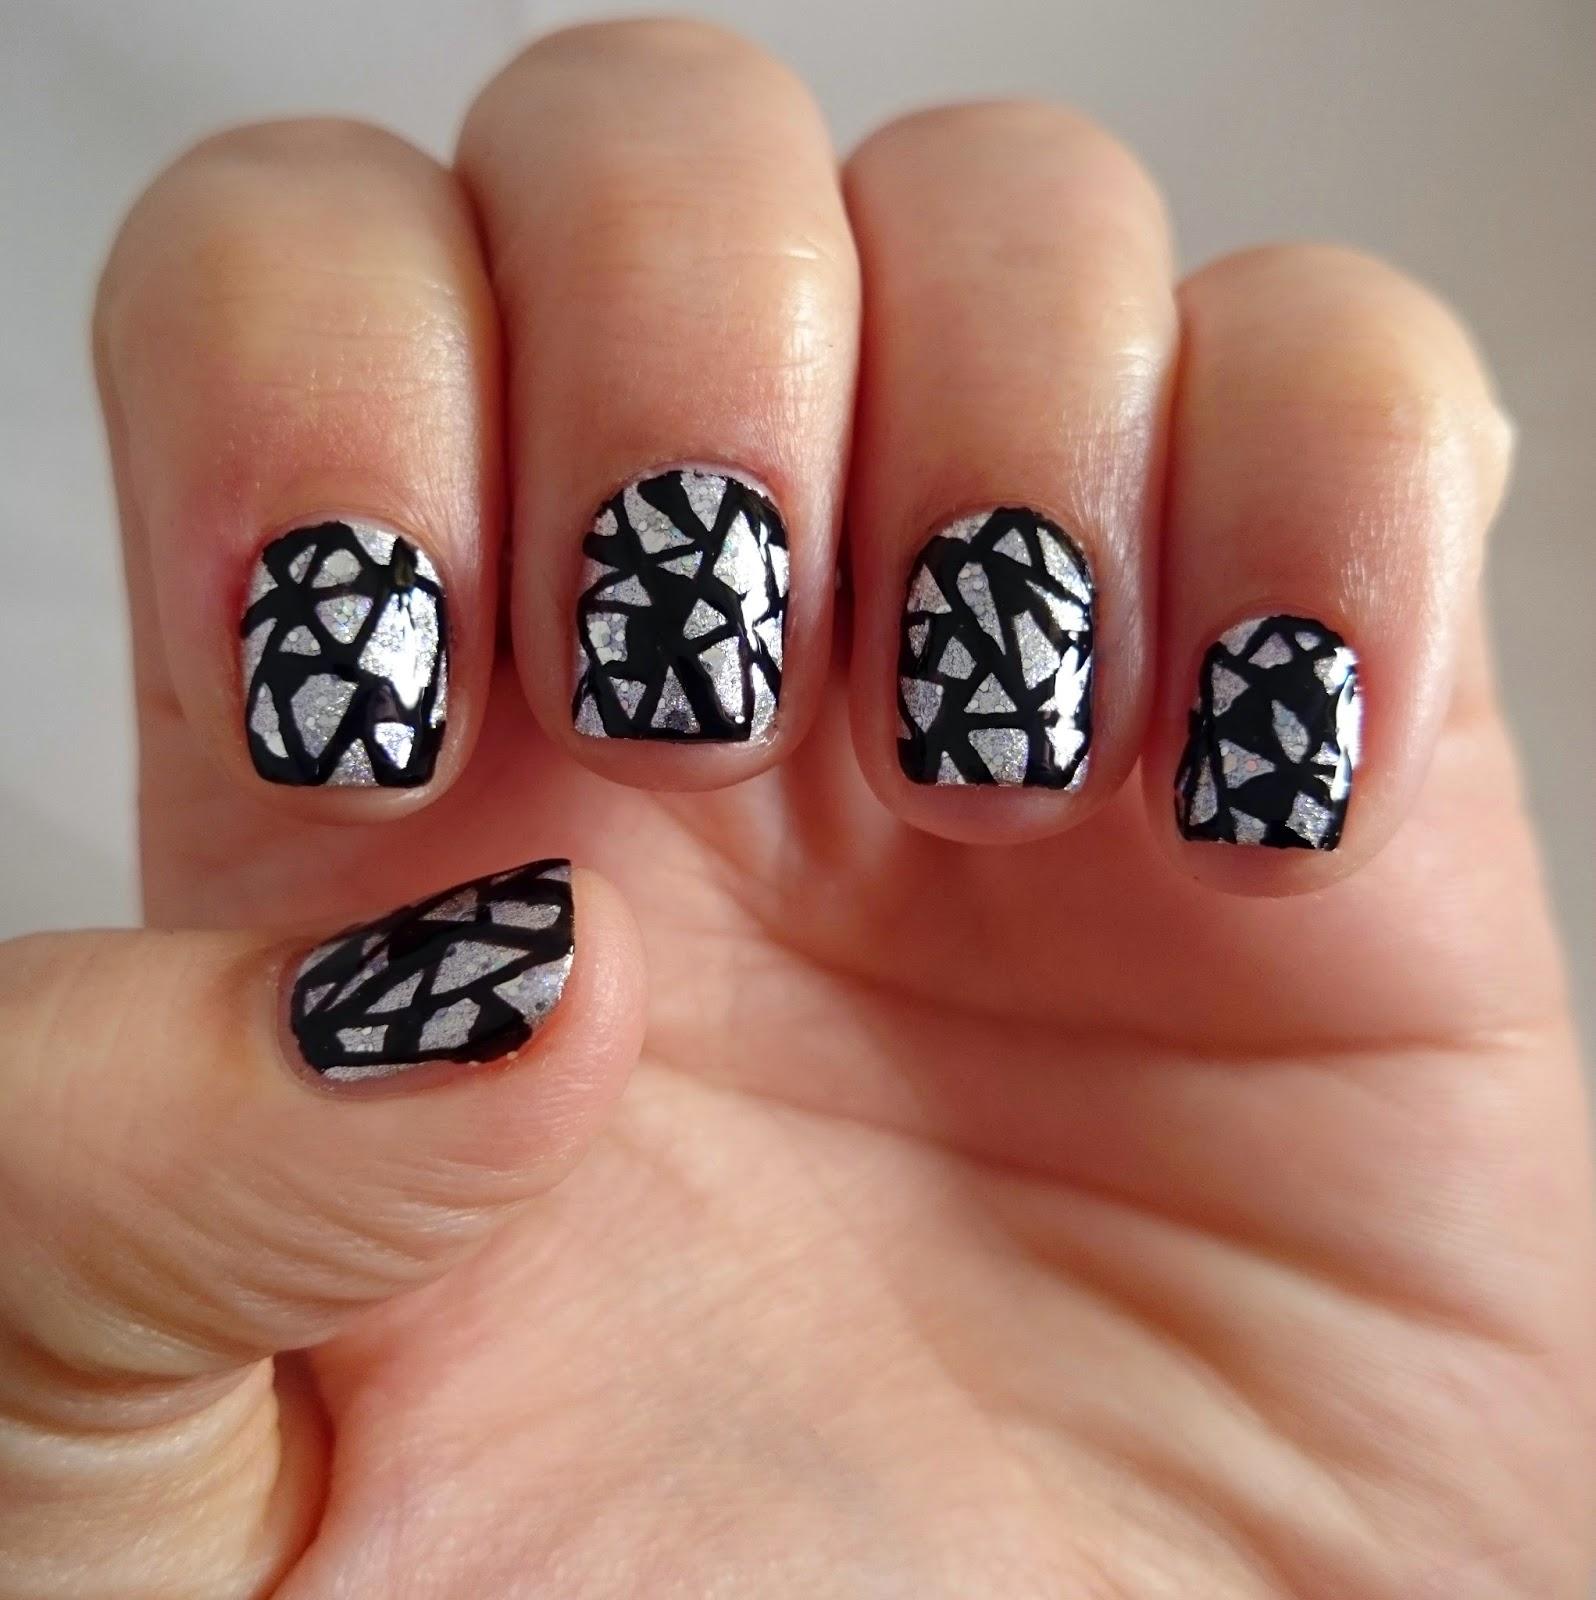 Dahlia Nails: Shards of Glass